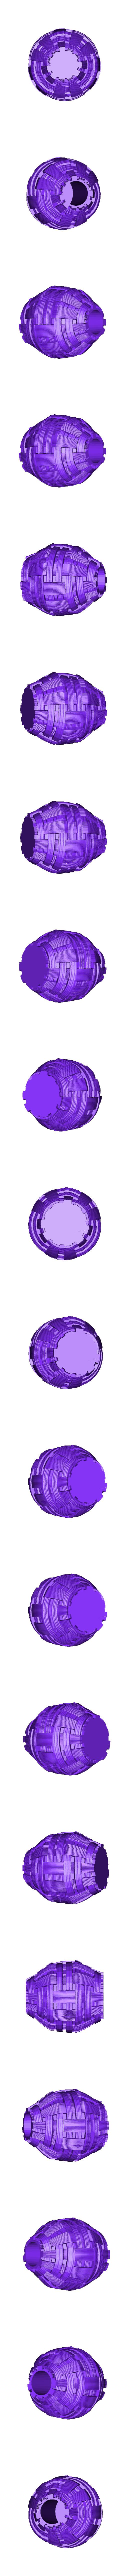 10.stl Télécharger fichier STL X86 Mini vase collection  • Objet imprimable en 3D, motek